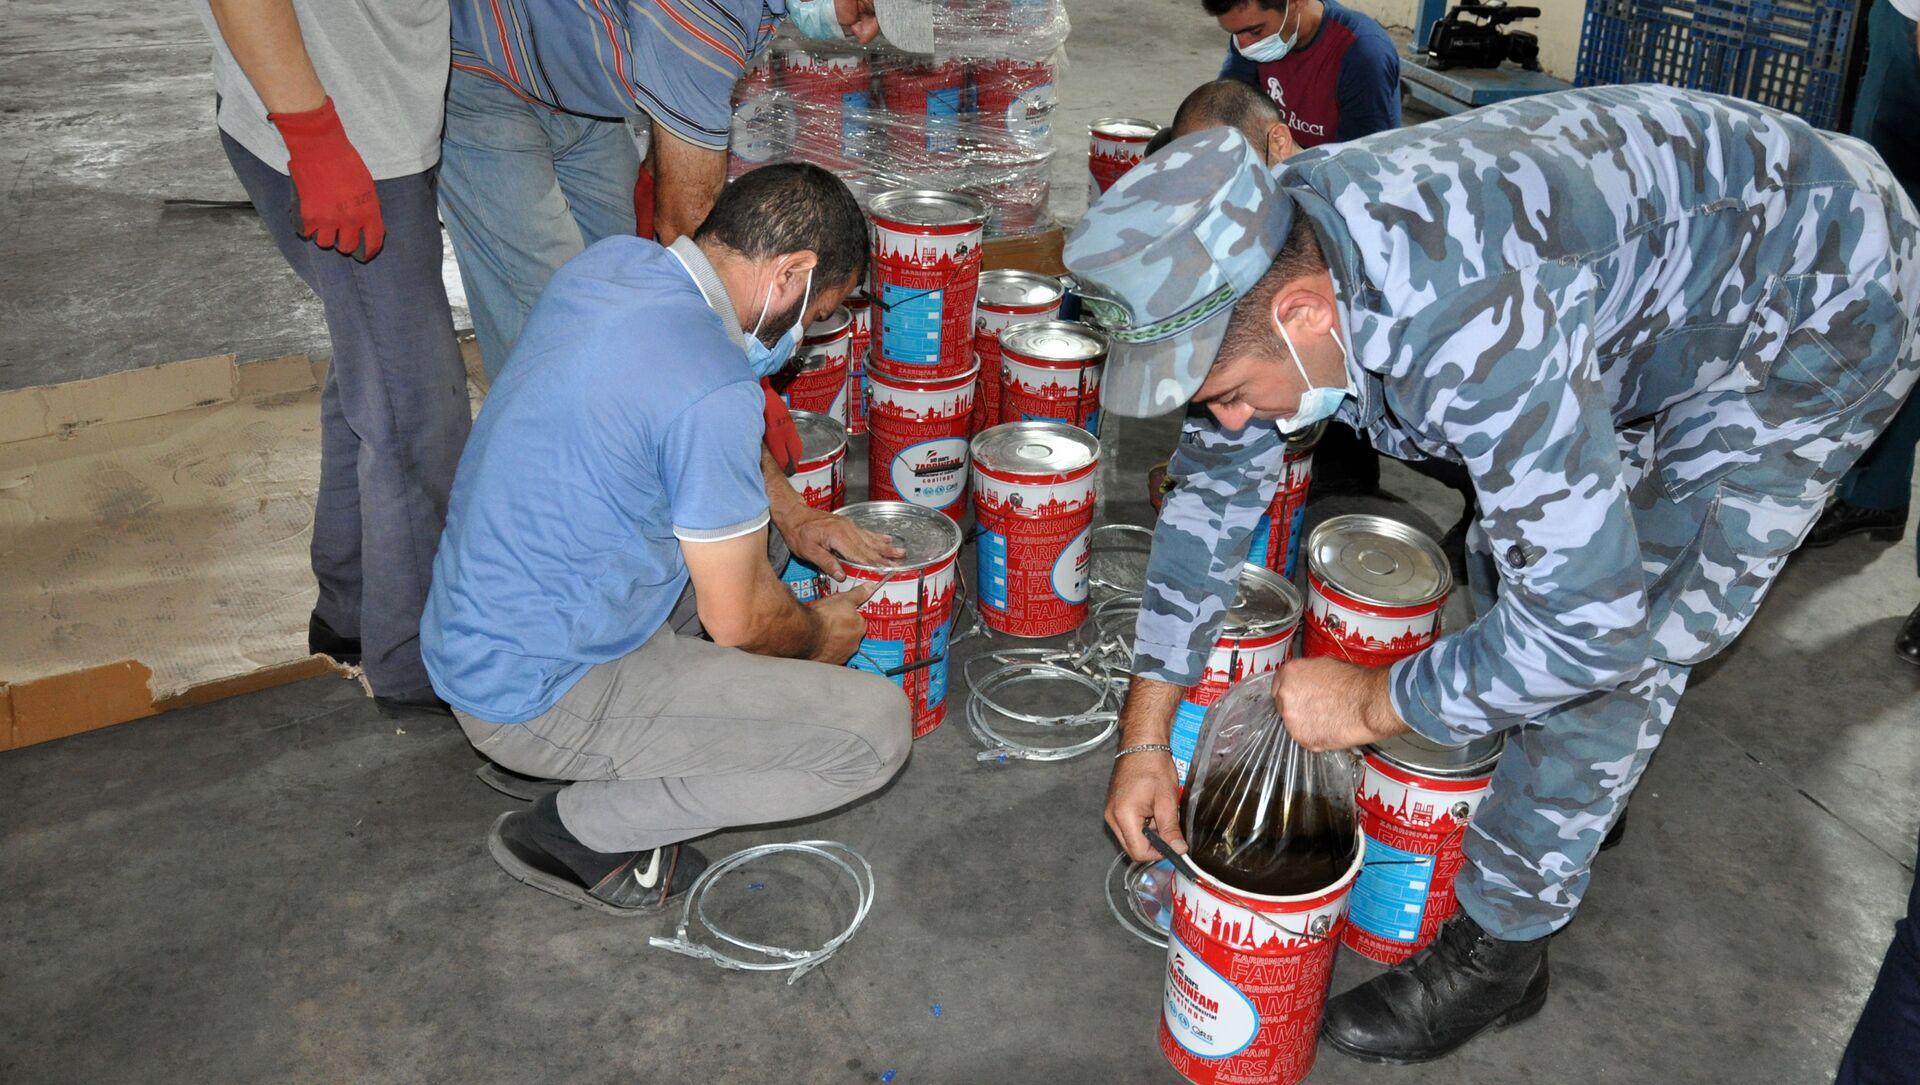 Таможенники обнаружили полтонны наркотиков на южной границе Азербайджана - Sputnik Азербайджан, 1920, 20.09.2021